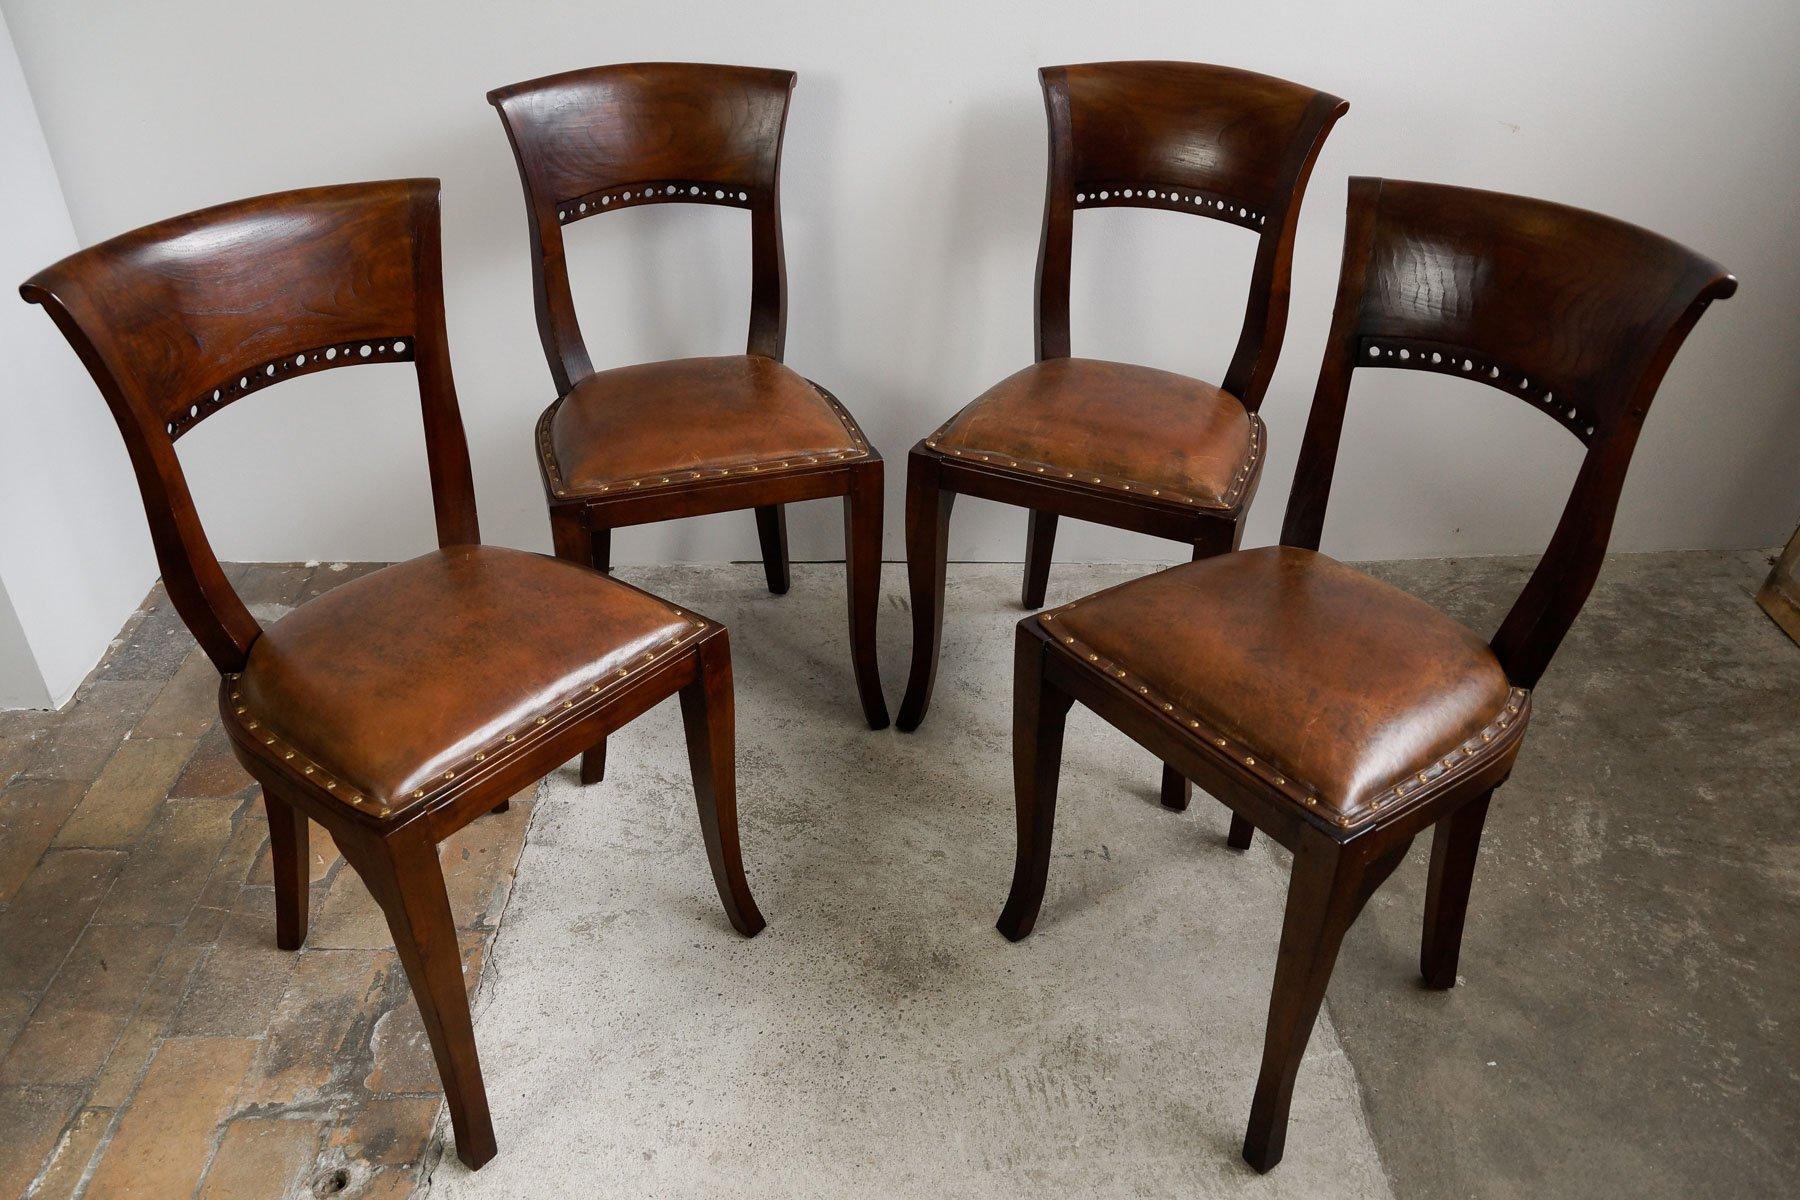 englische vintage mahagoni leder esszimmerst hle 4er set bei pamono kaufen. Black Bedroom Furniture Sets. Home Design Ideas